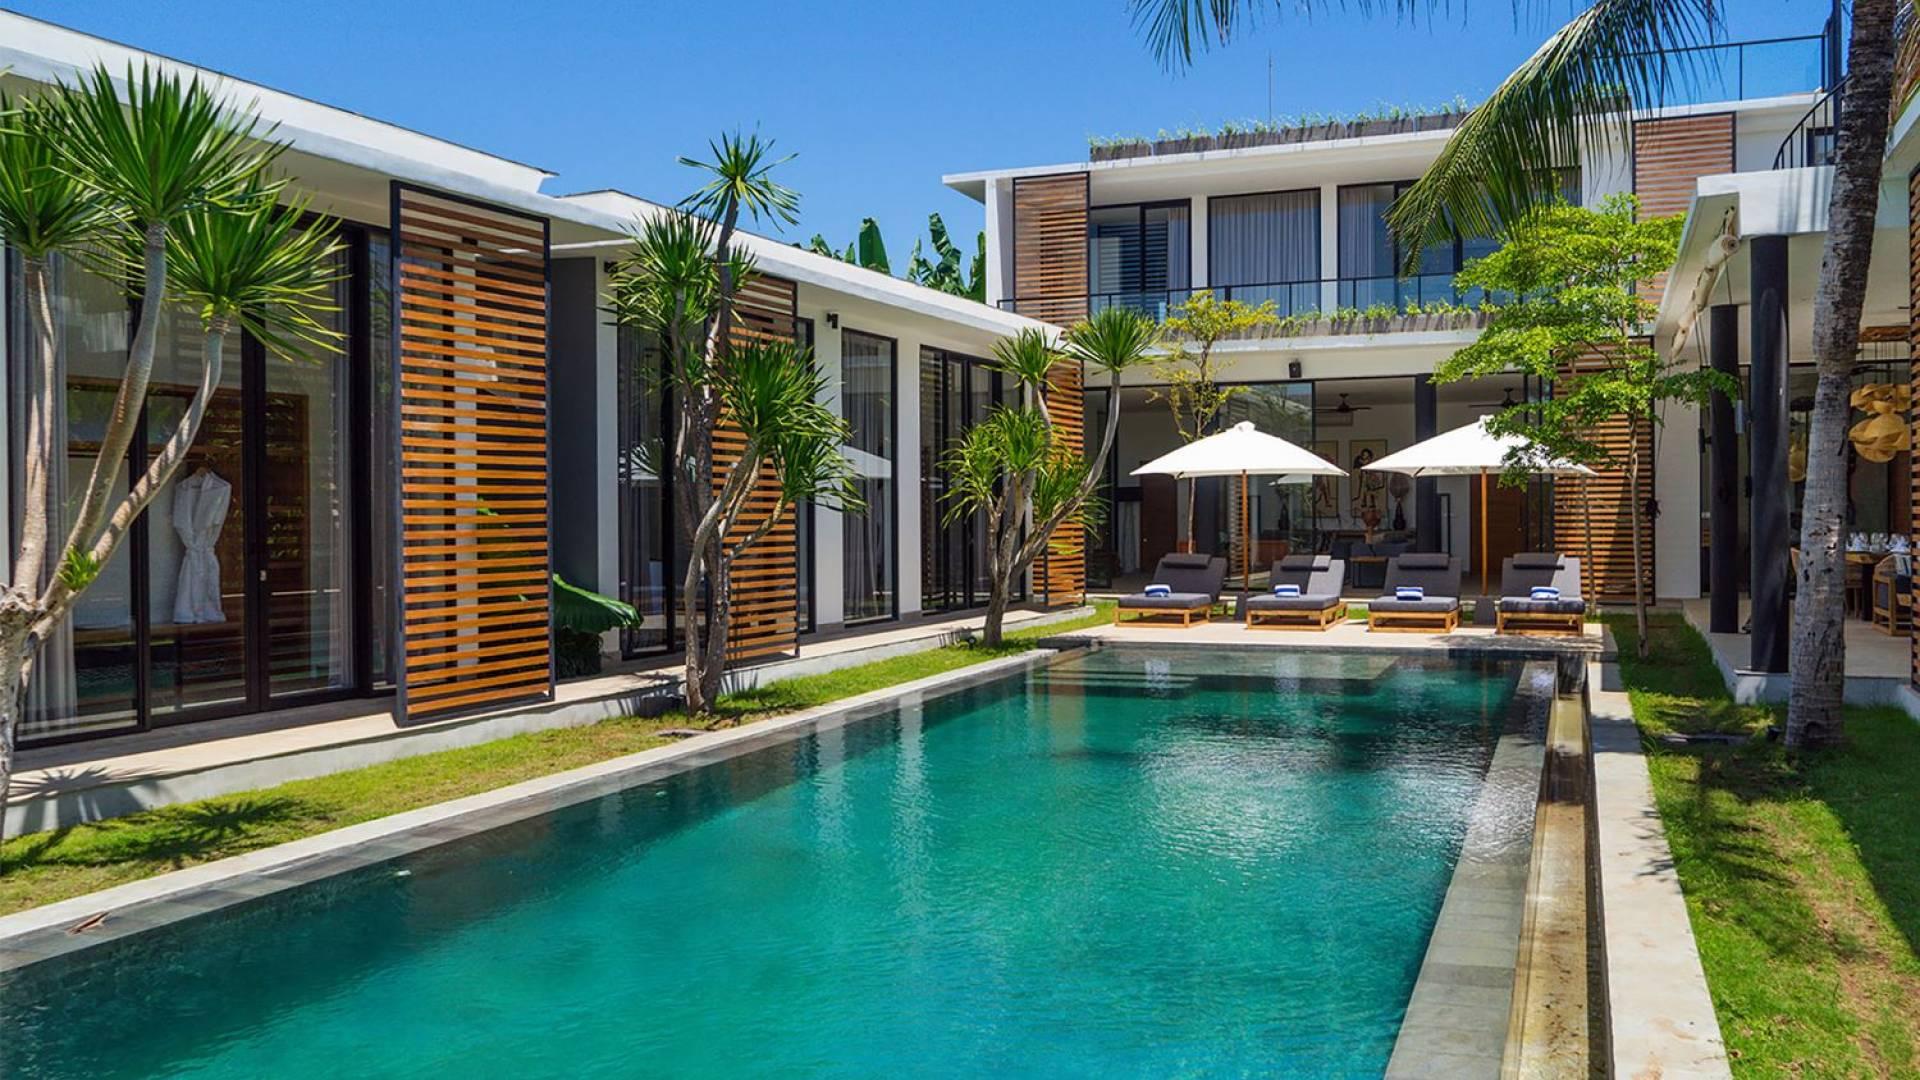 Canggu Beachside Villas Bali By Uniquevillas